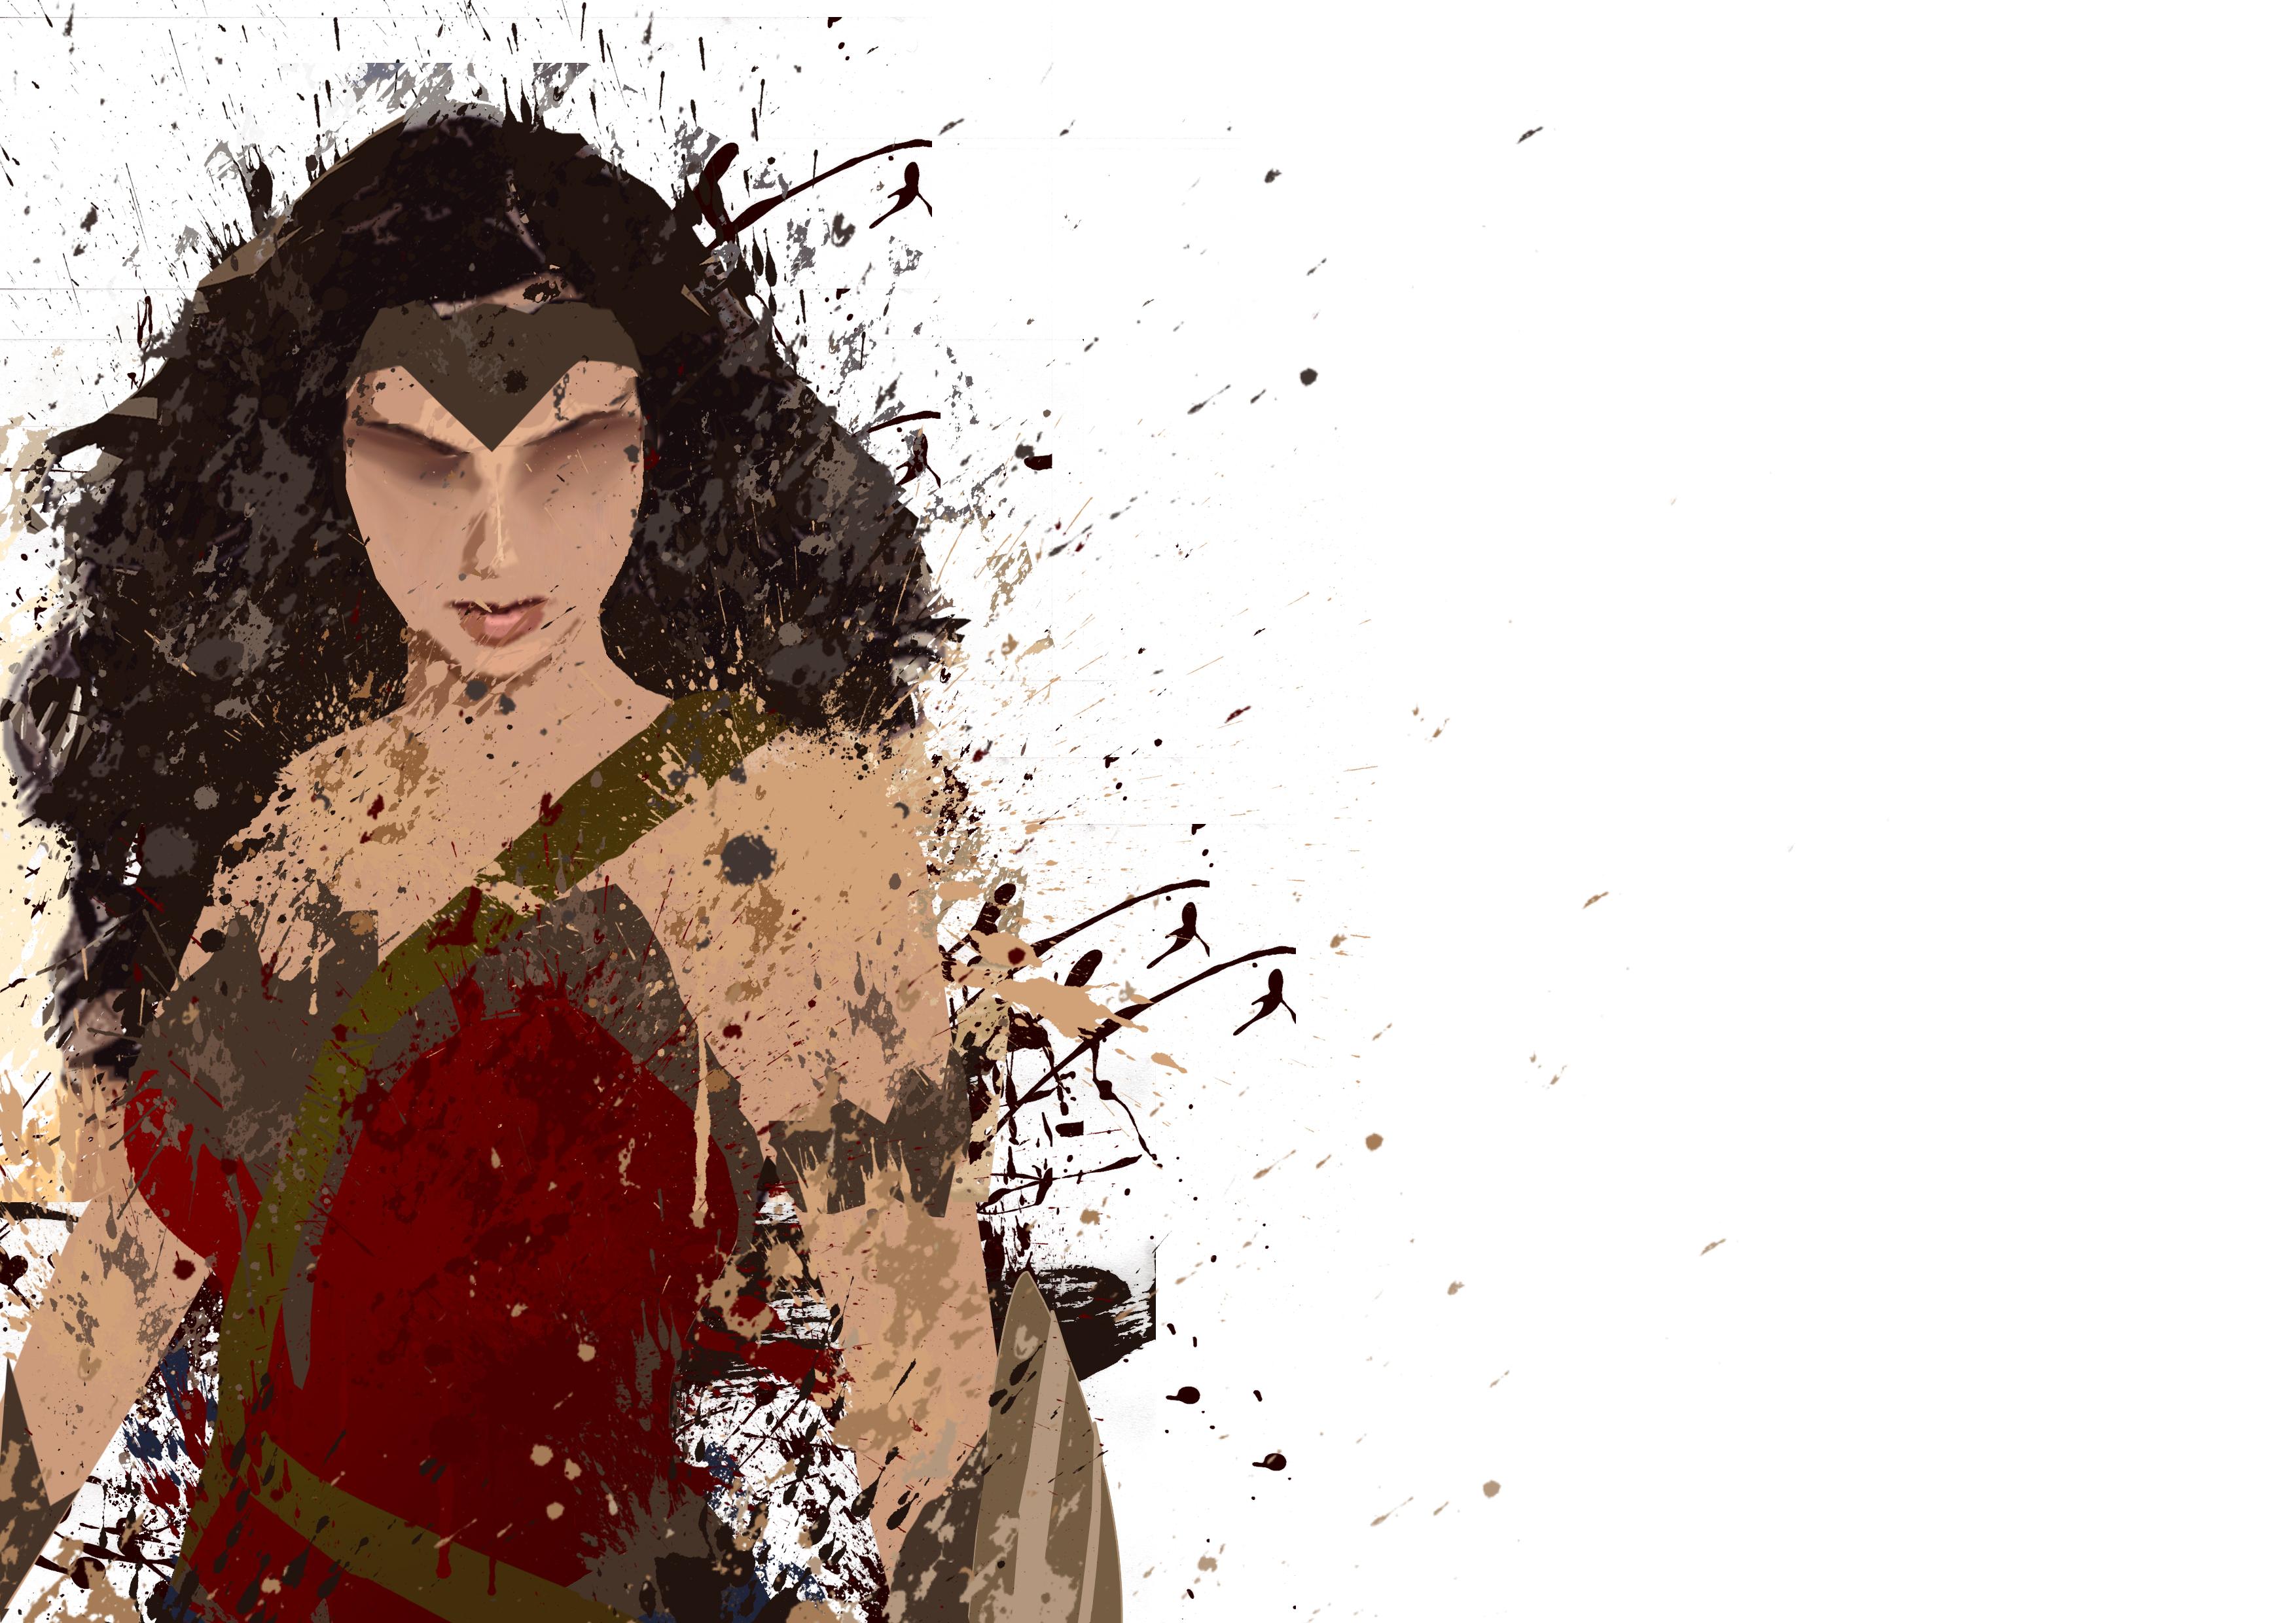 Wonder Woman Justice League 4k Fan Art Hd Movies 4k: Wonder Woman 4k Fan Art, HD Superheroes, 4k Wallpapers